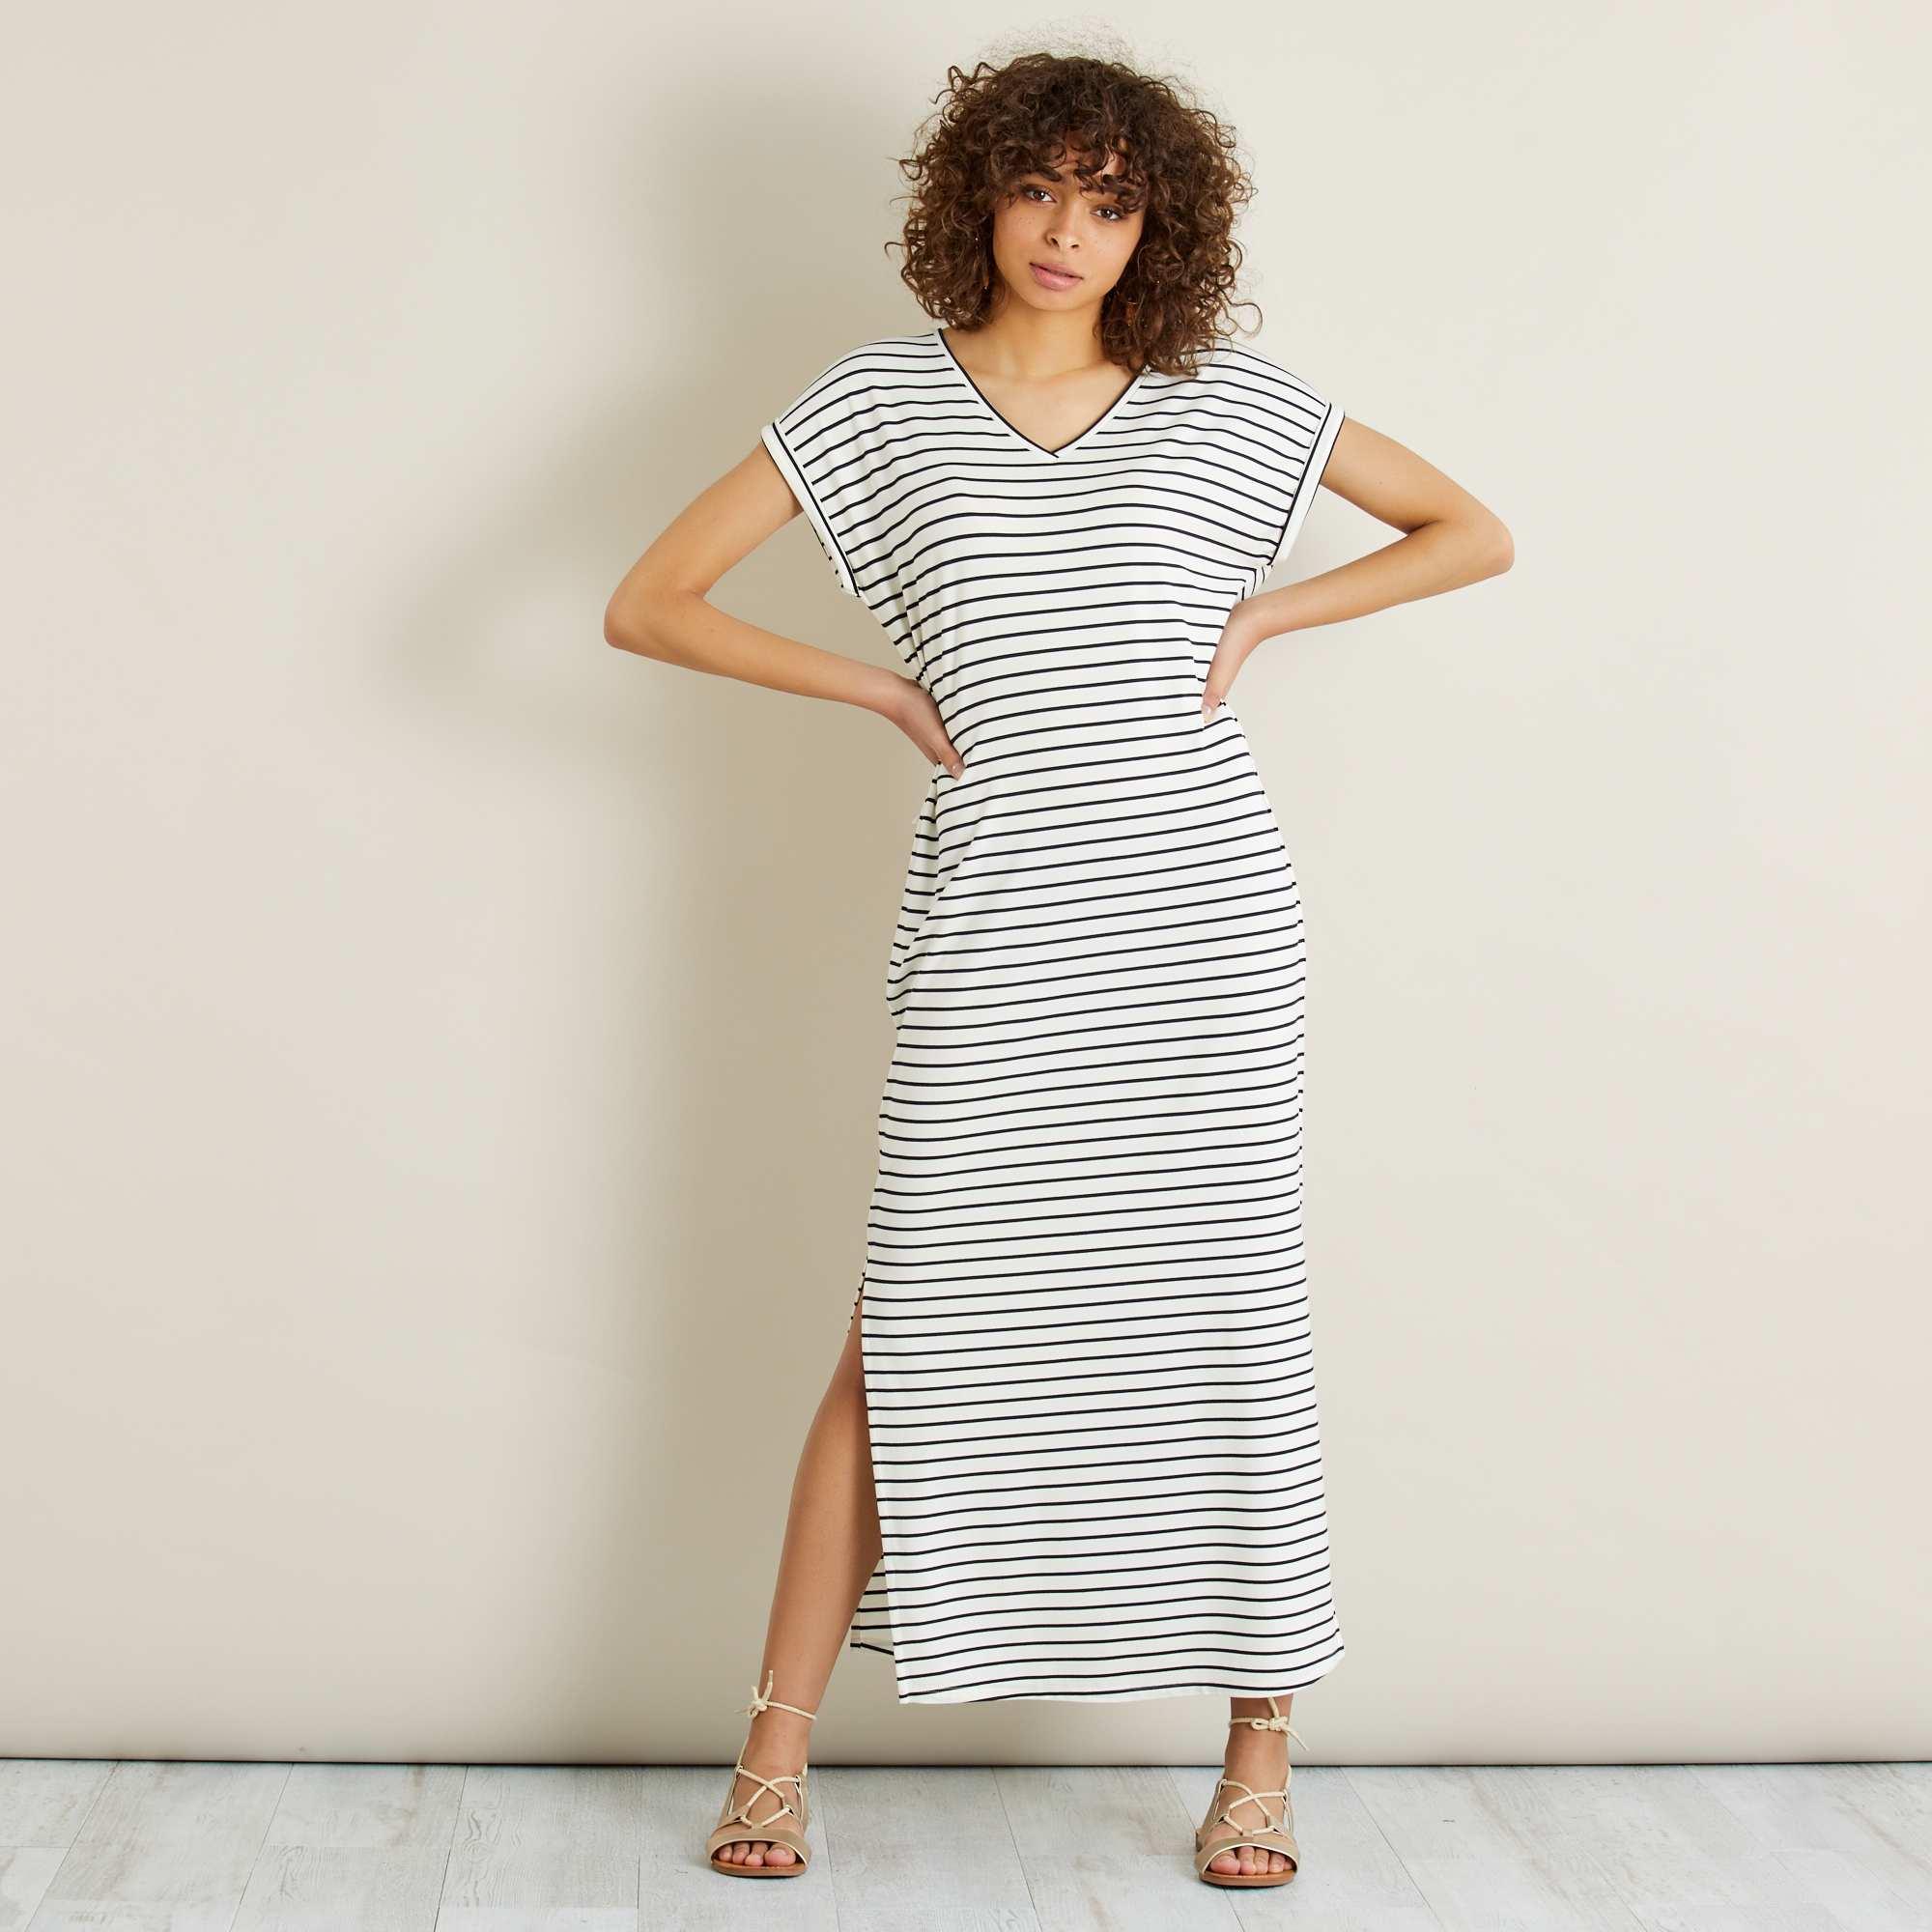 Couleur : écru/bleu marine, , ,, - Taille : L, XXL, M,S,XLLa robe longue en maille fluide, pour une sensation de fraîcheur et de légèreté. -